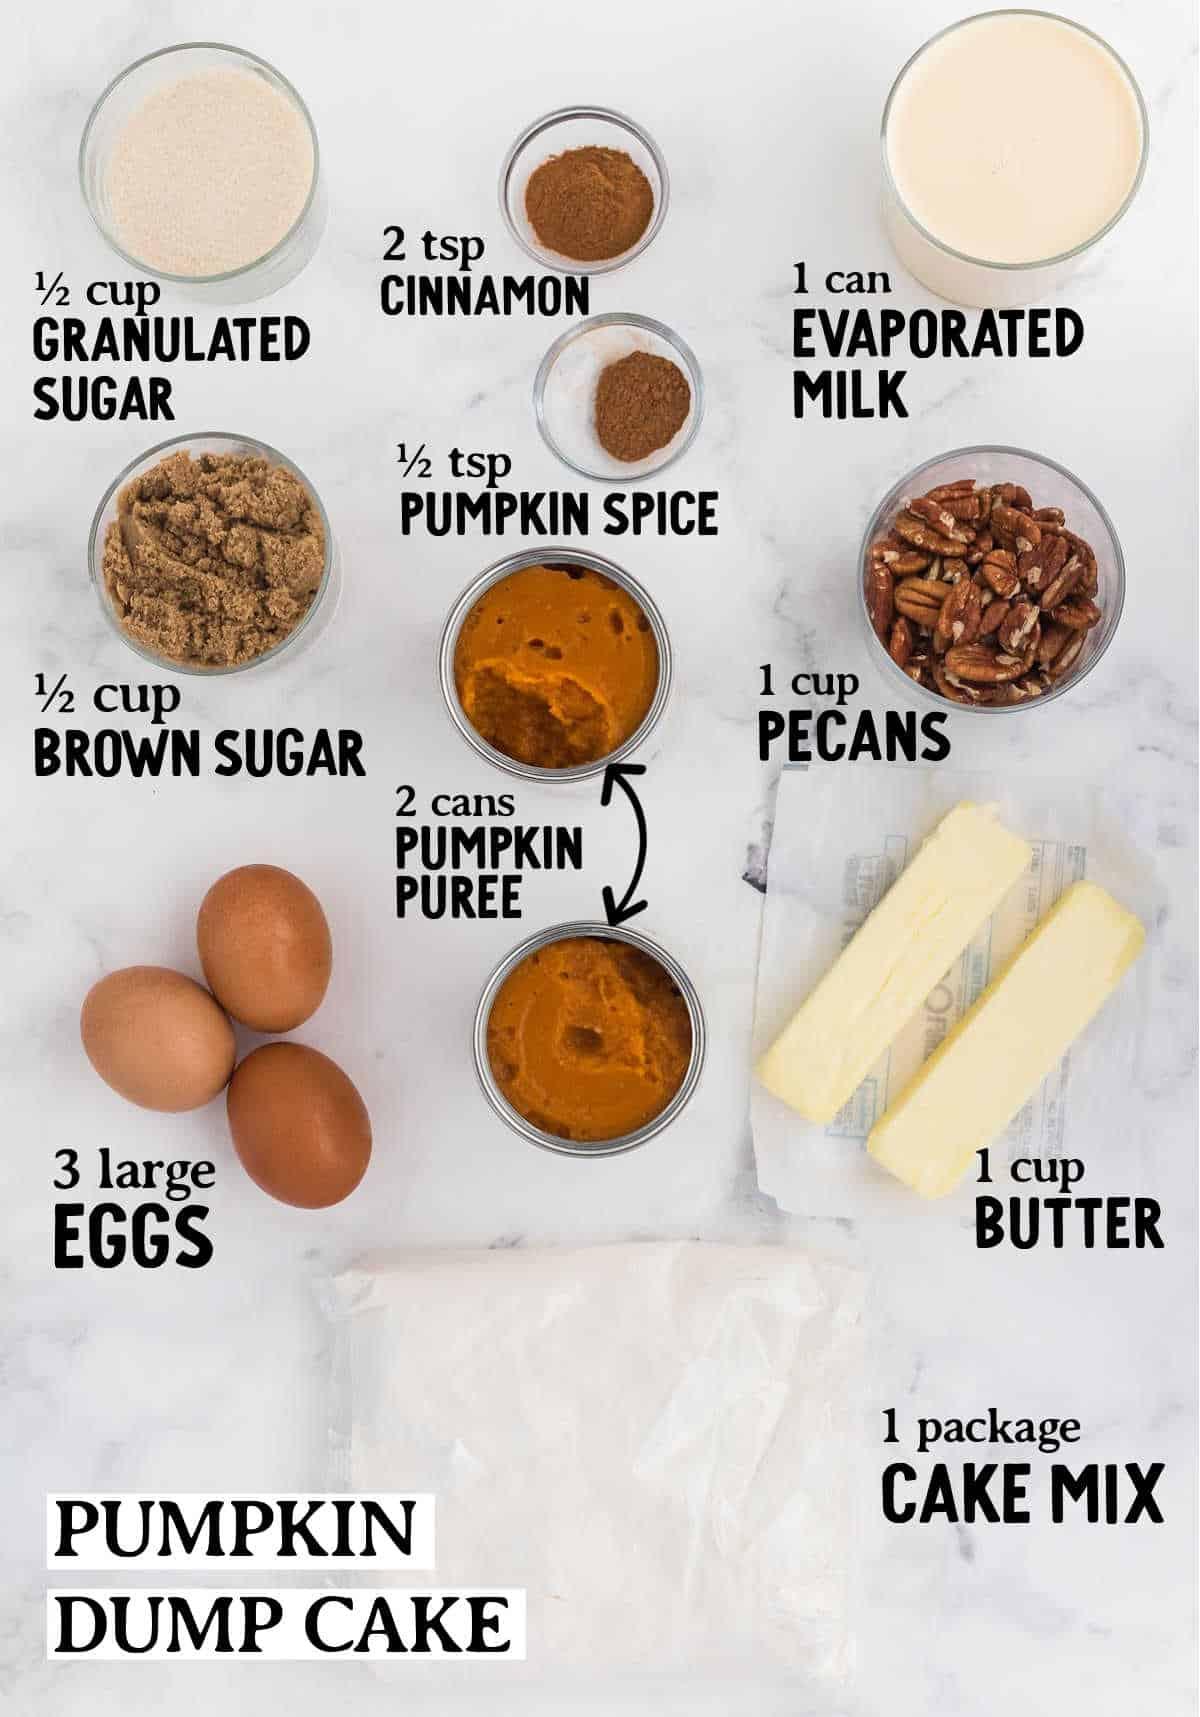 ingredients checklist to make a pumpkin dump cake